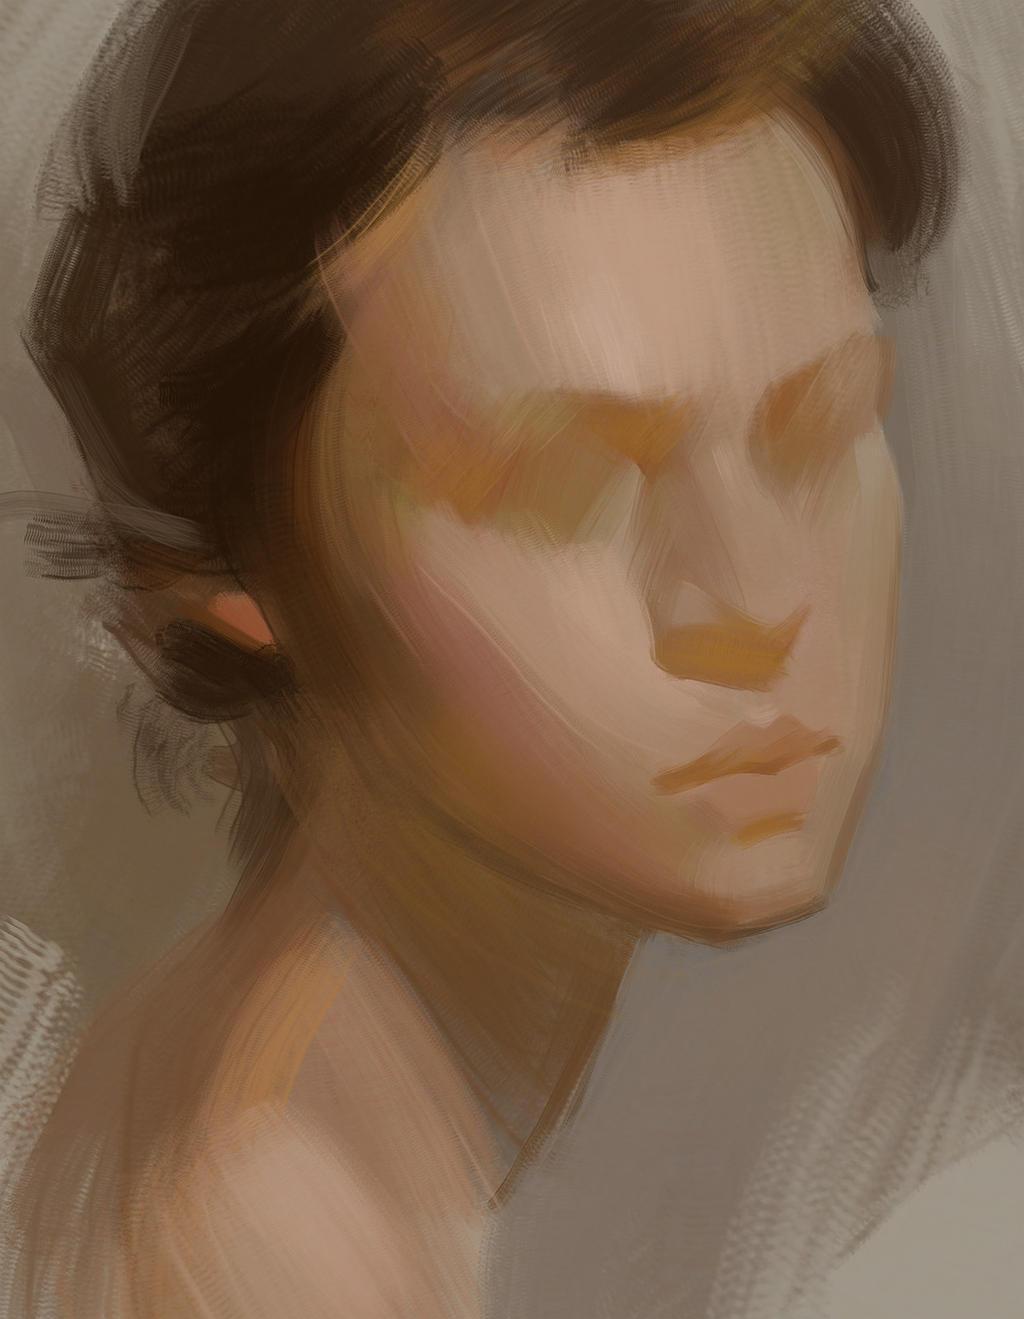 Portrait Block-in by Wildweasel339